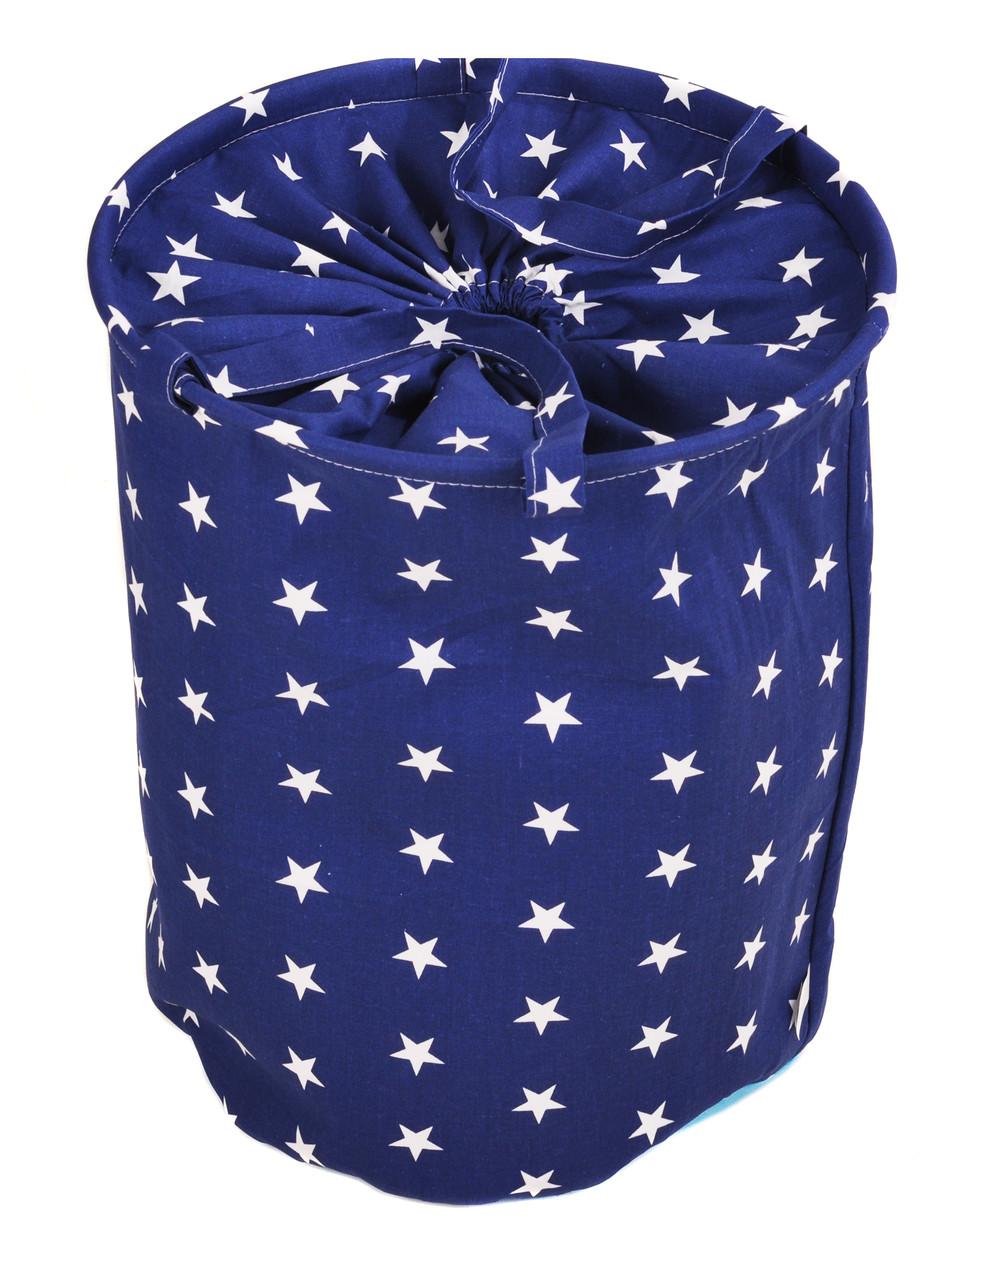 Корзина для игрушек элит, 50*60, хлопок: звезды на синем